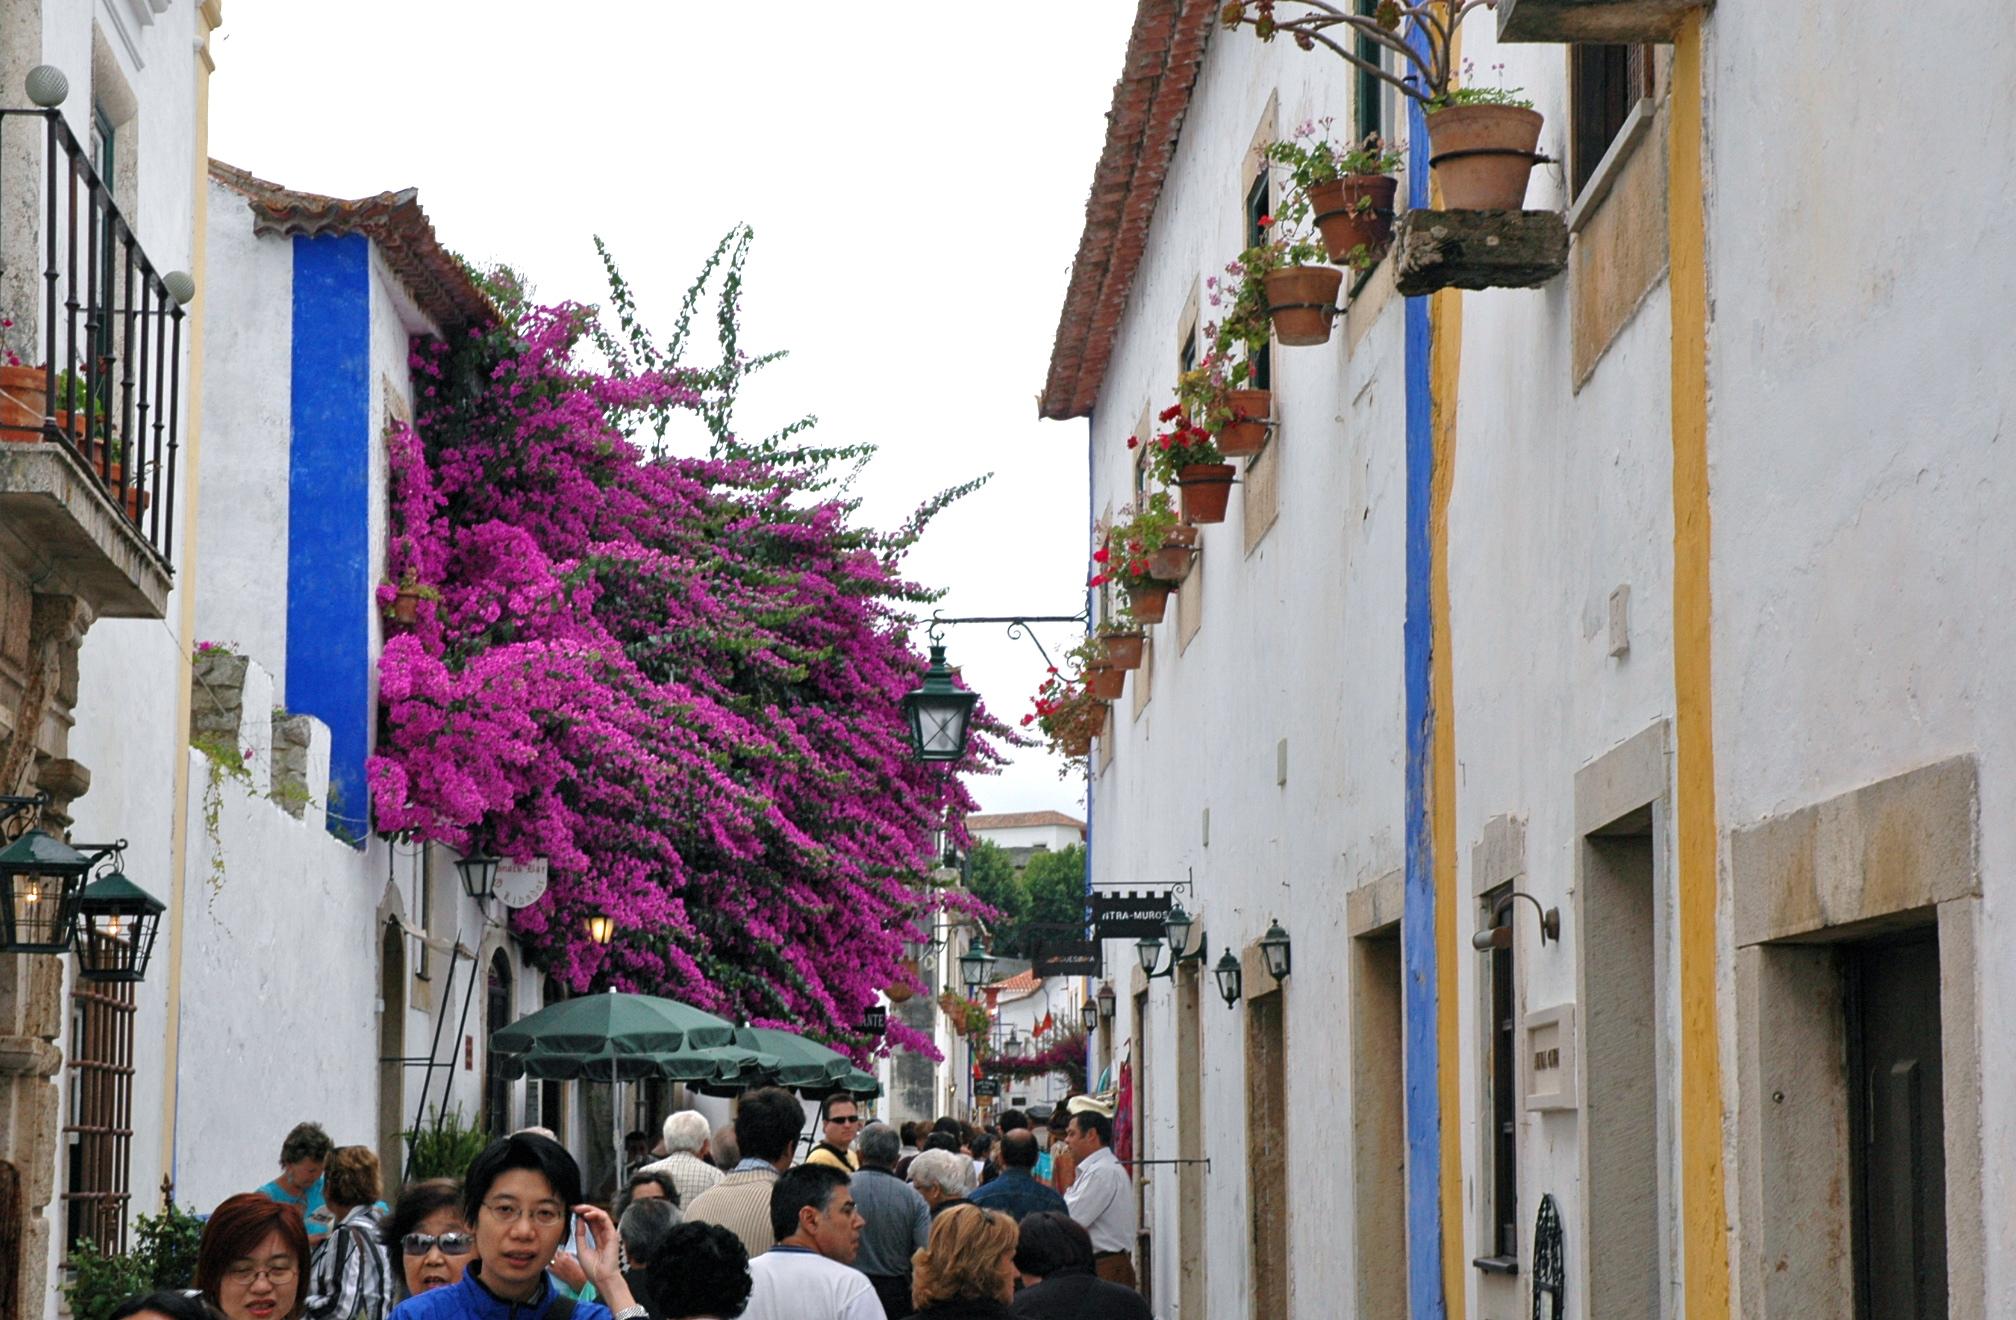 Óbidos, Alcobaça e a história de Inês de Castro